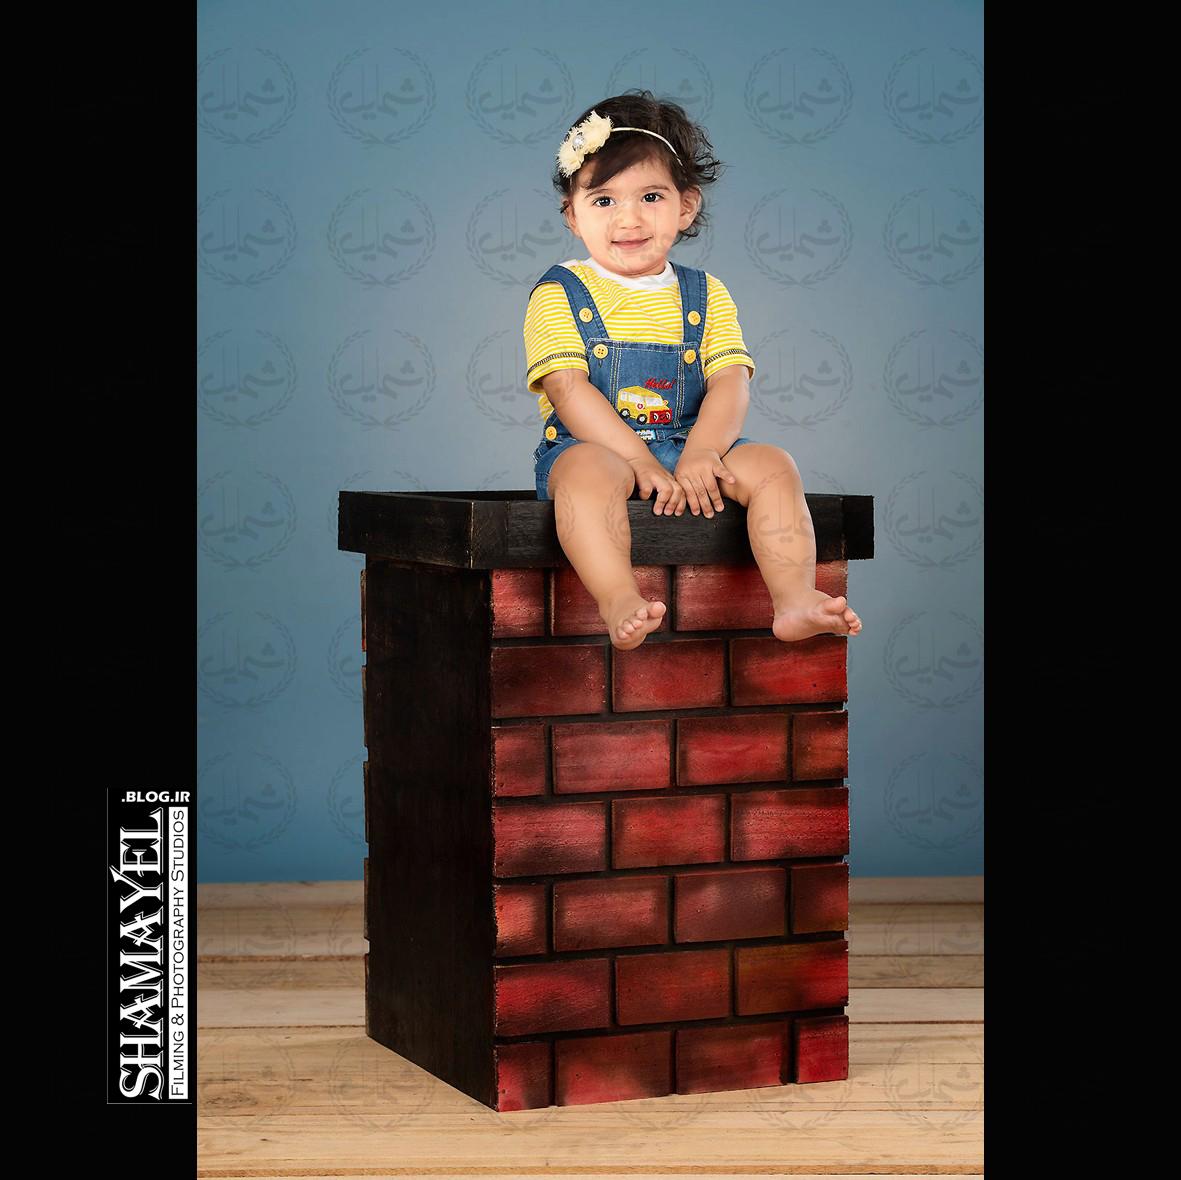 آتلیه تخصصی عکس کودک شمایل